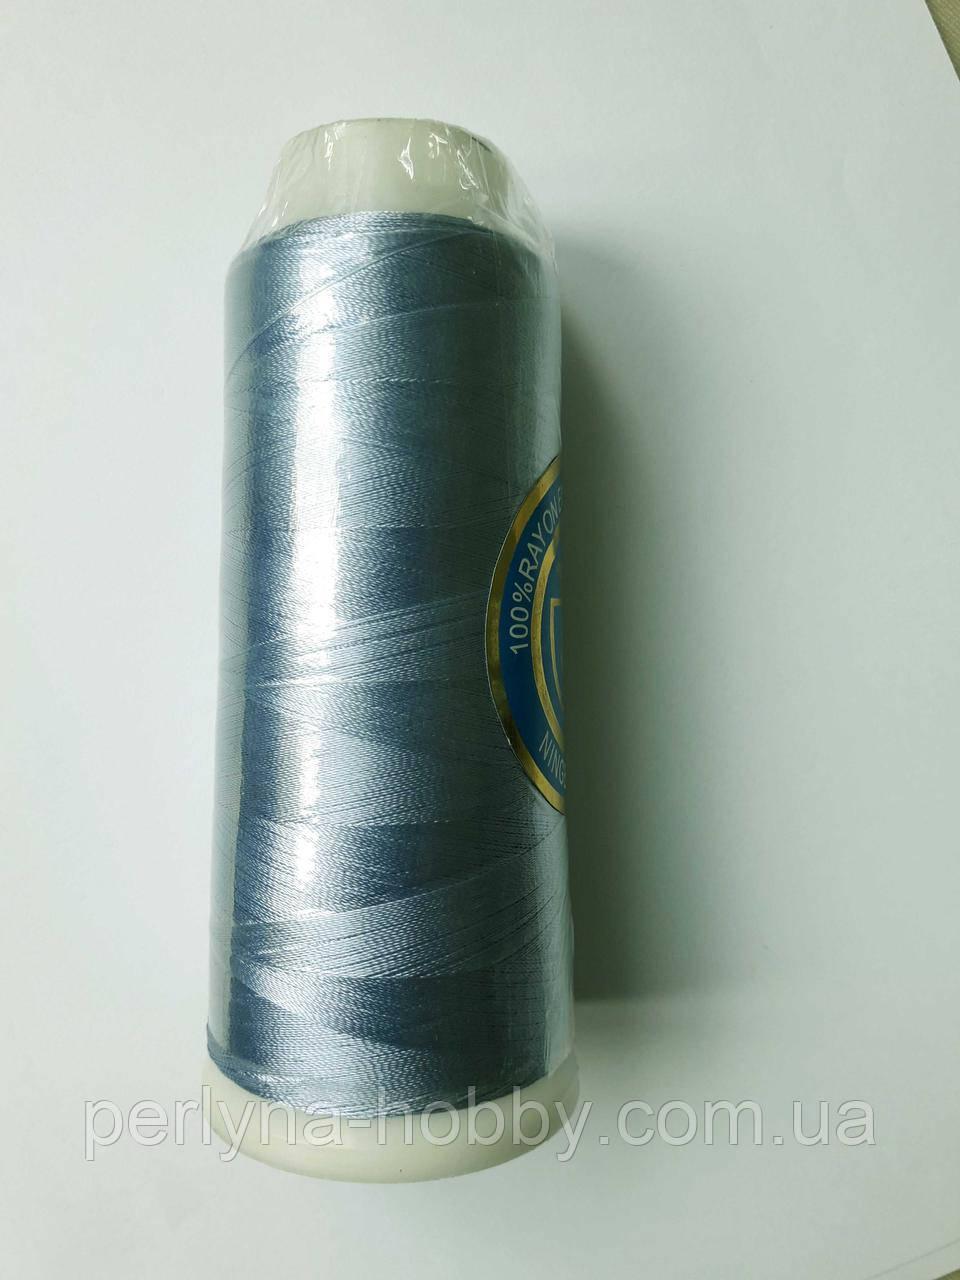 Нитки для машинної вишики 100% віскоза (100% rayon) 3000 ярдів, № 227, темно-голубий